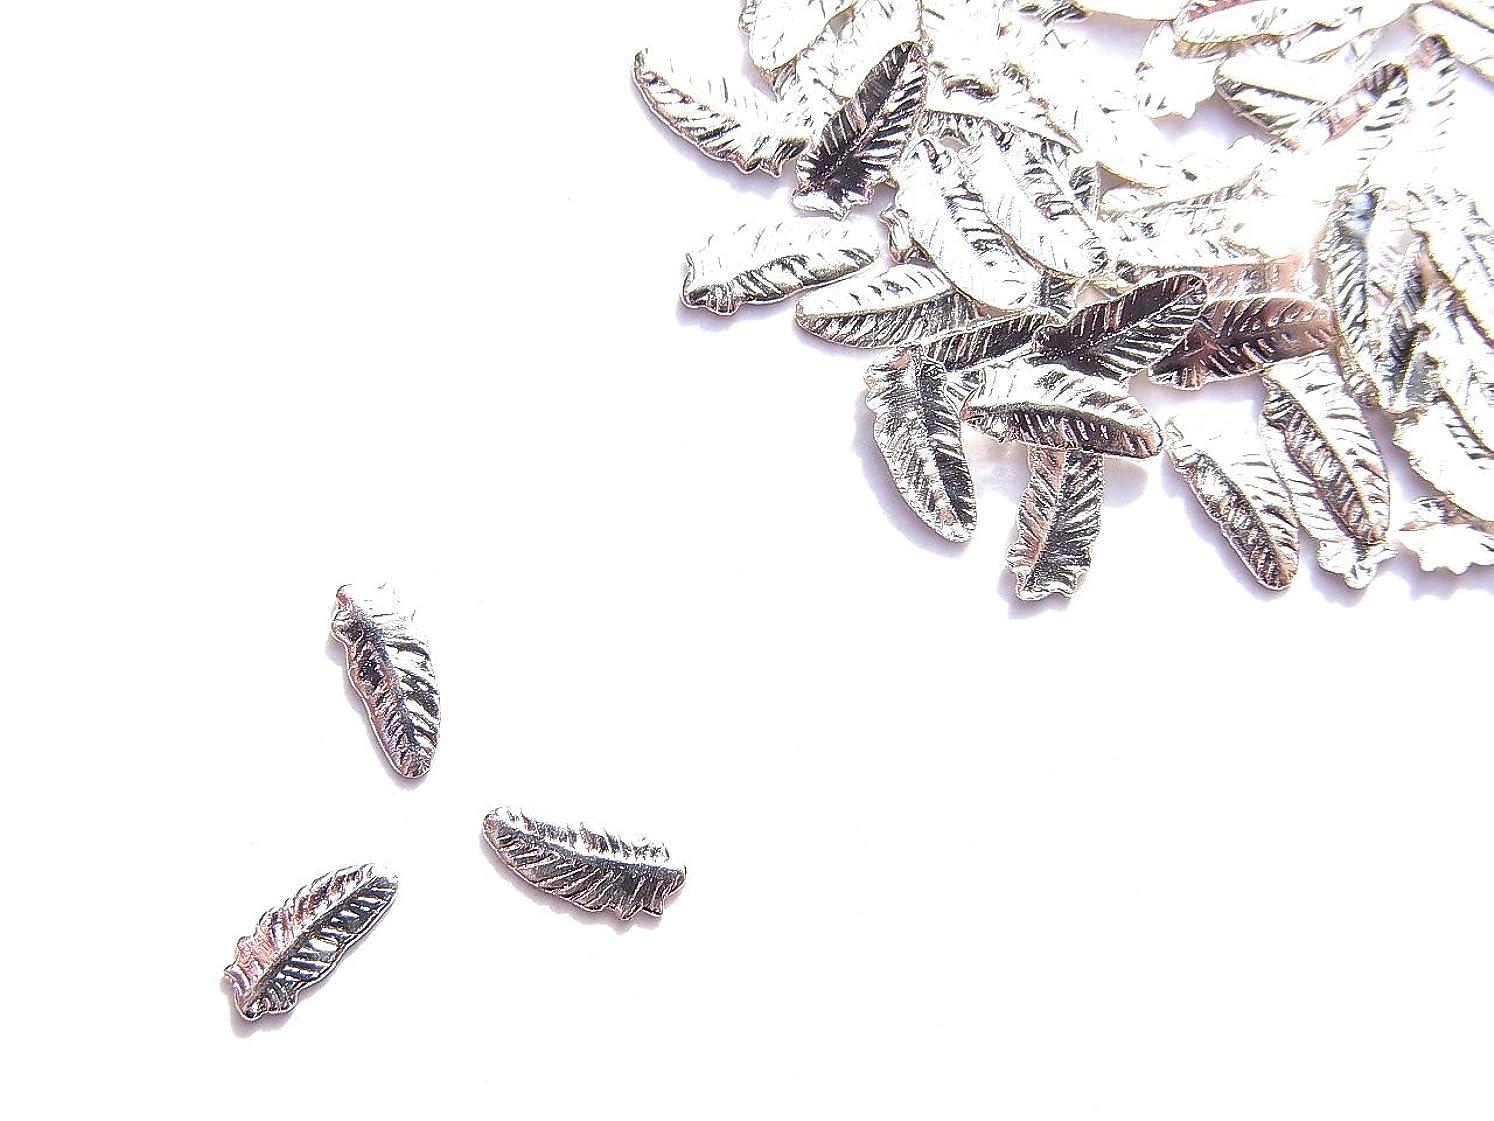 パラダイス冷える特異な【jewel】薄型ネイルパーツ フェザー小 約6mm×2.3mm 10個入りシルバー 手芸 素材 アートパーツ デコ素材